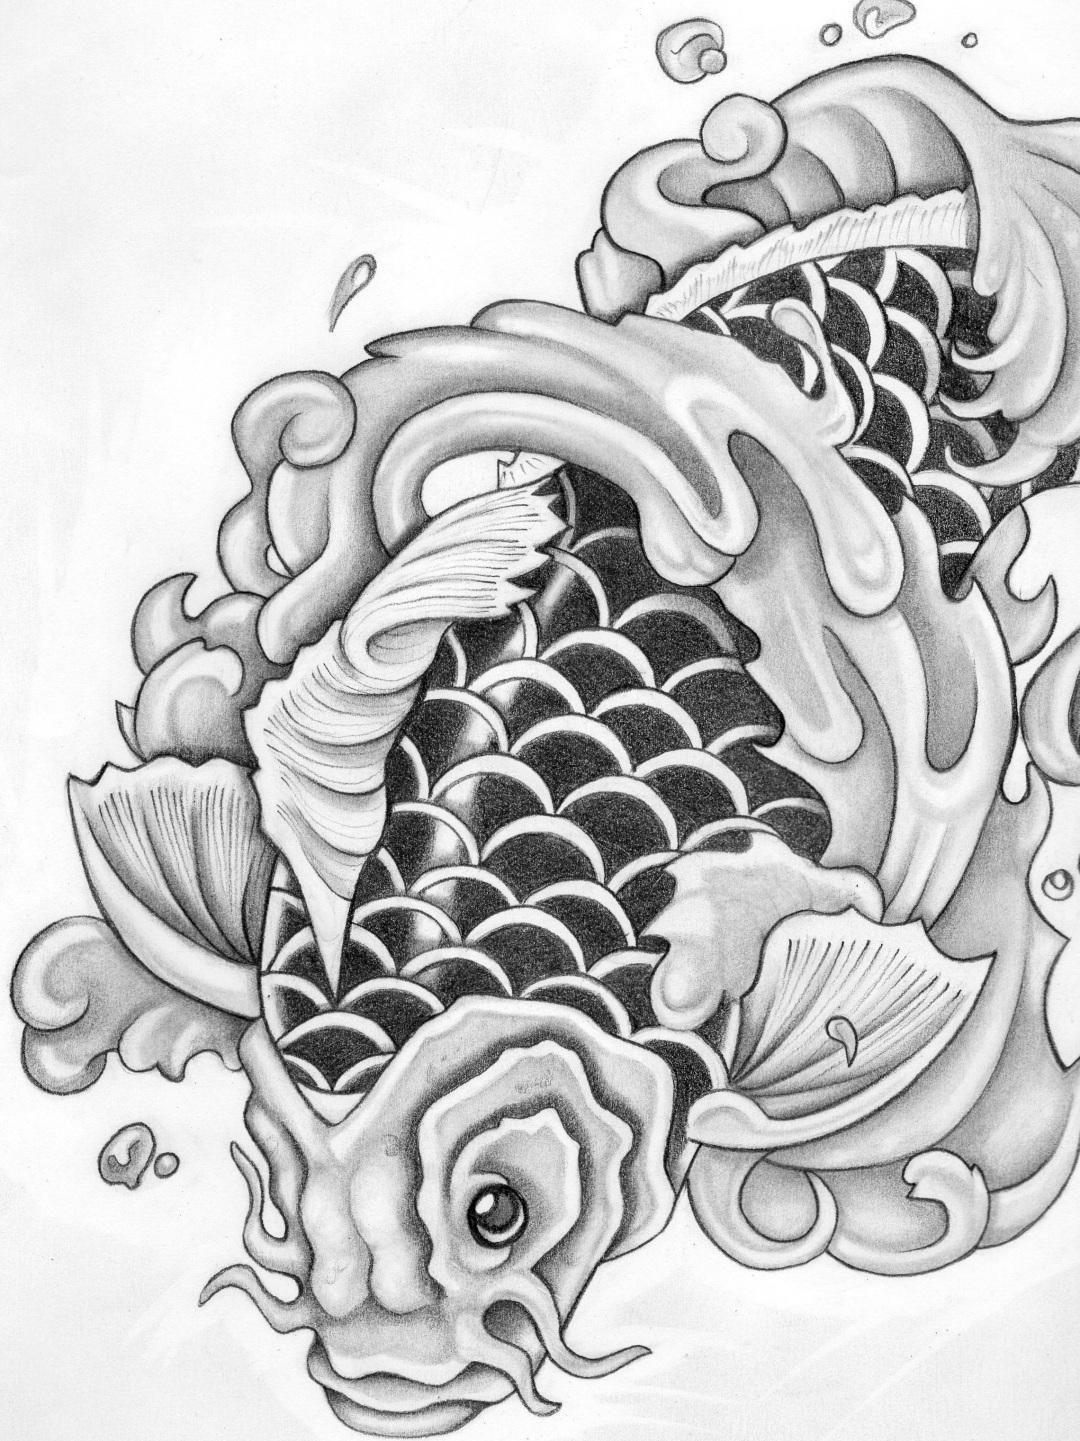 koi-fish-by-randysauce-1806158371.jpg (1080×1441) | arte y proyecto ...